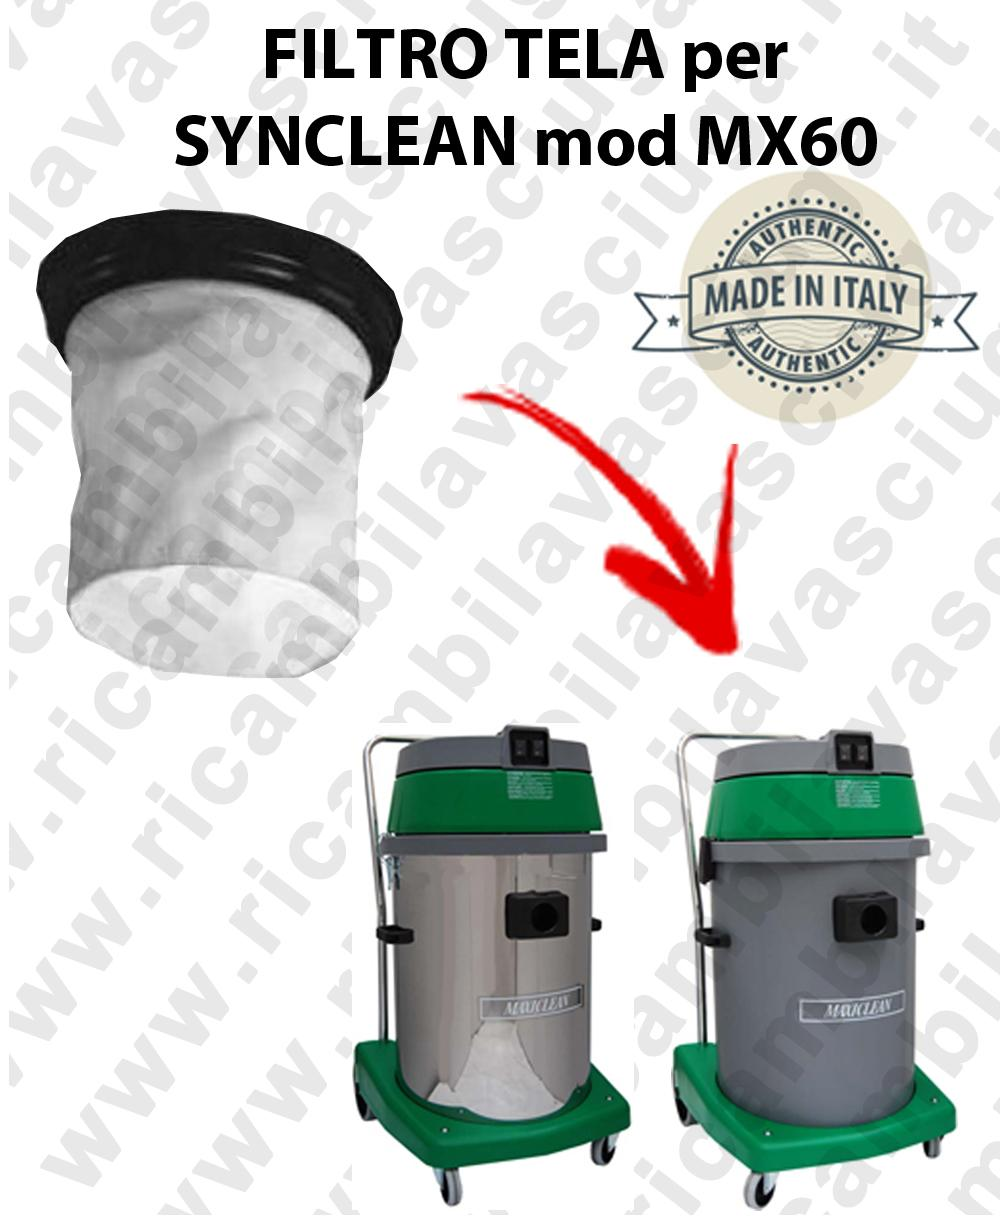 MX 60 -  FILTRO TELA SYNCLEAN per aspirapolvere